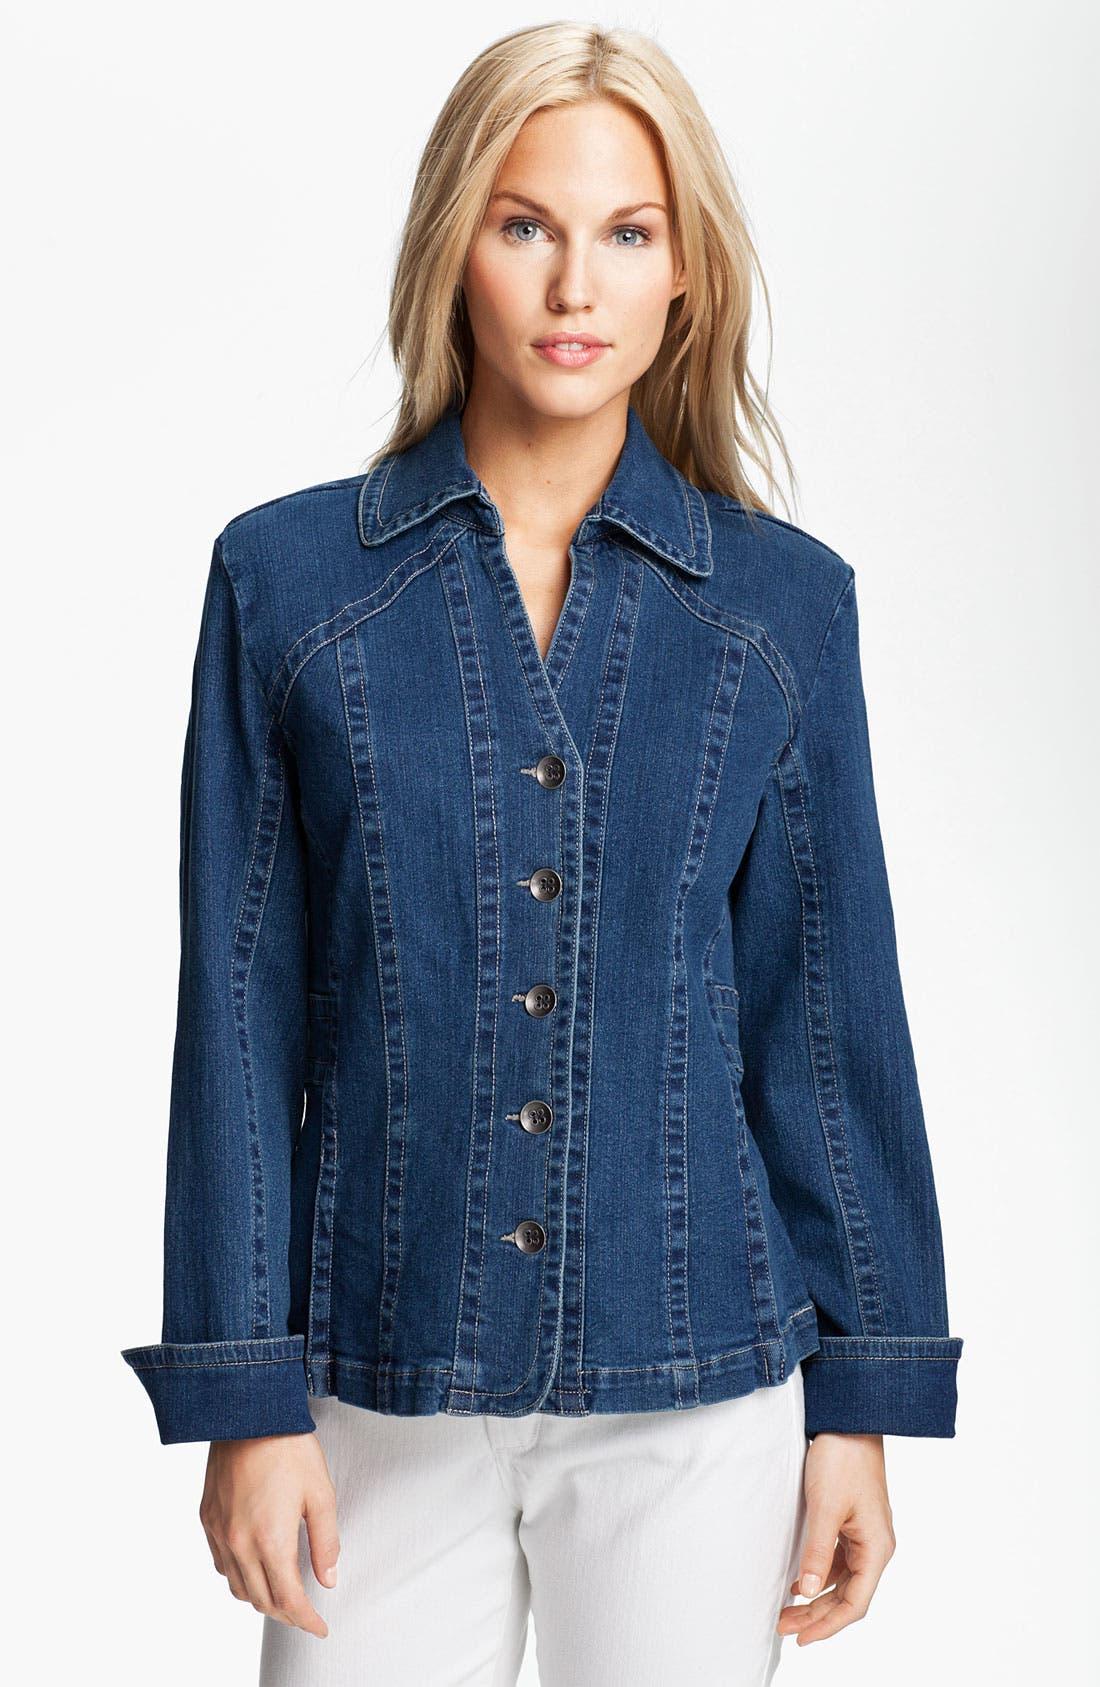 Alternate Image 1 Selected - Tria Pleat Hem Denim Jacket